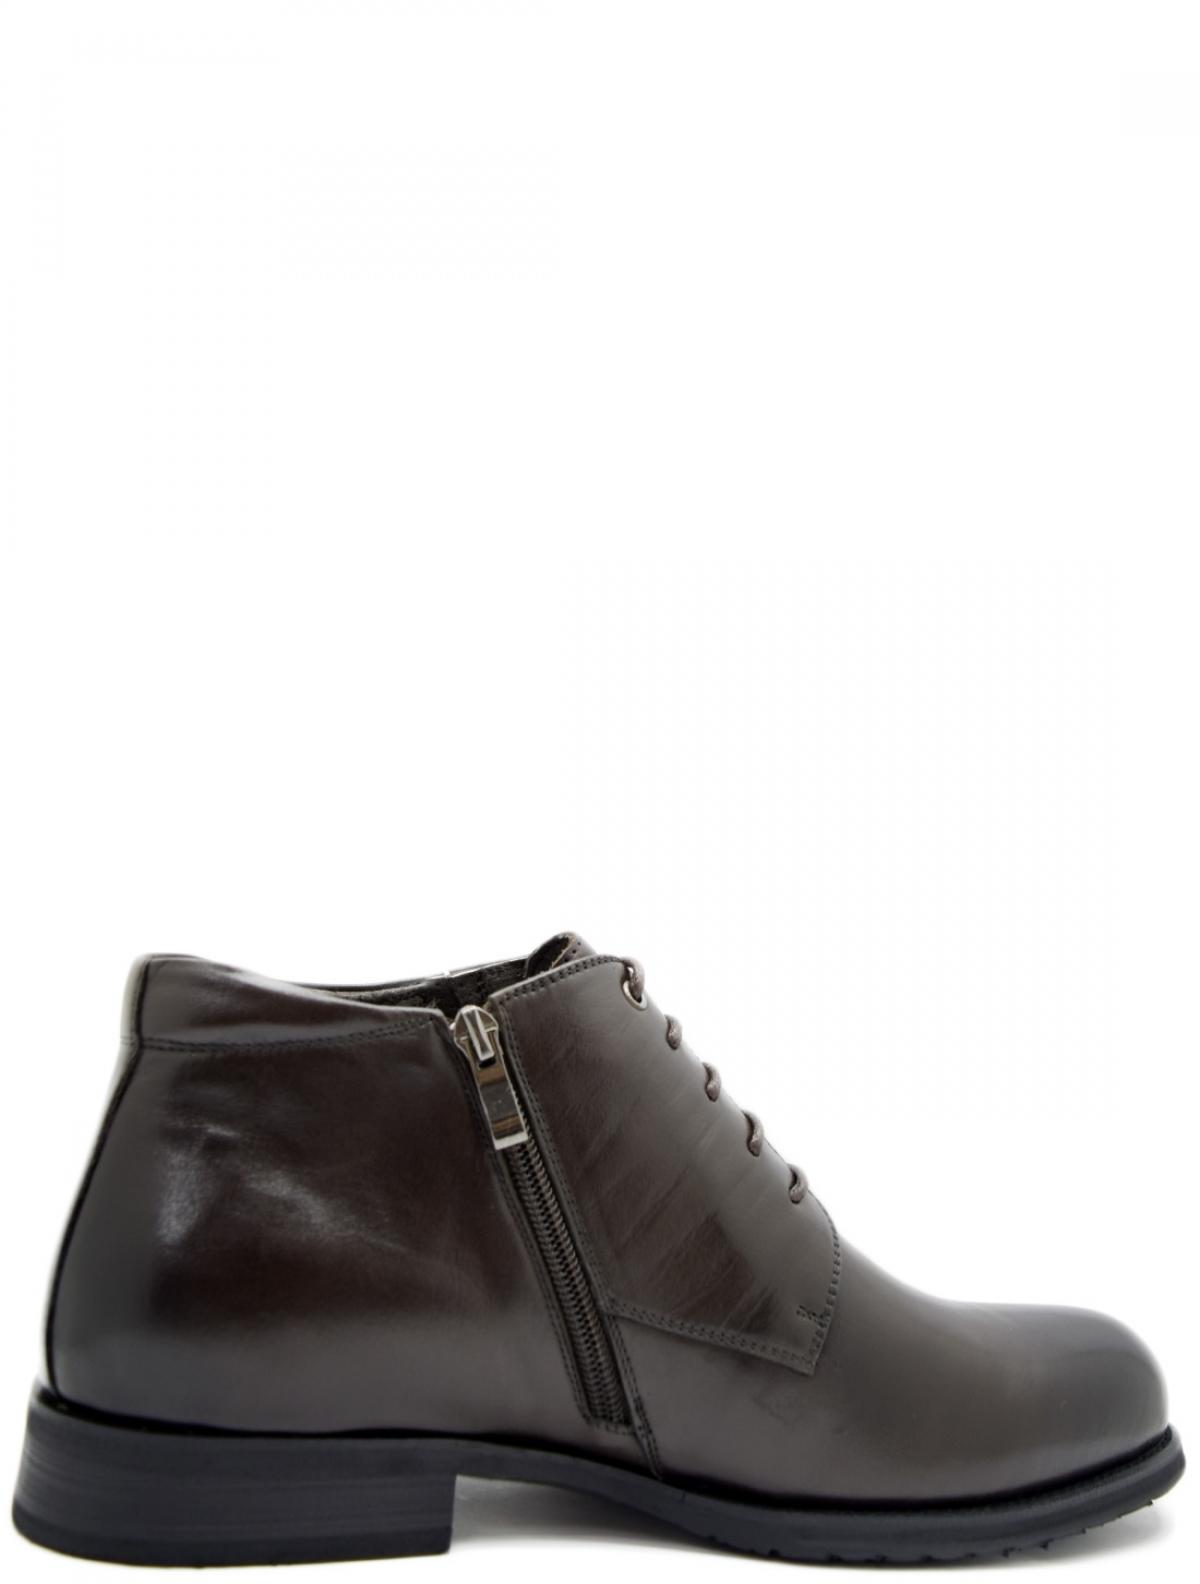 Baden R089-011 мужские ботинки